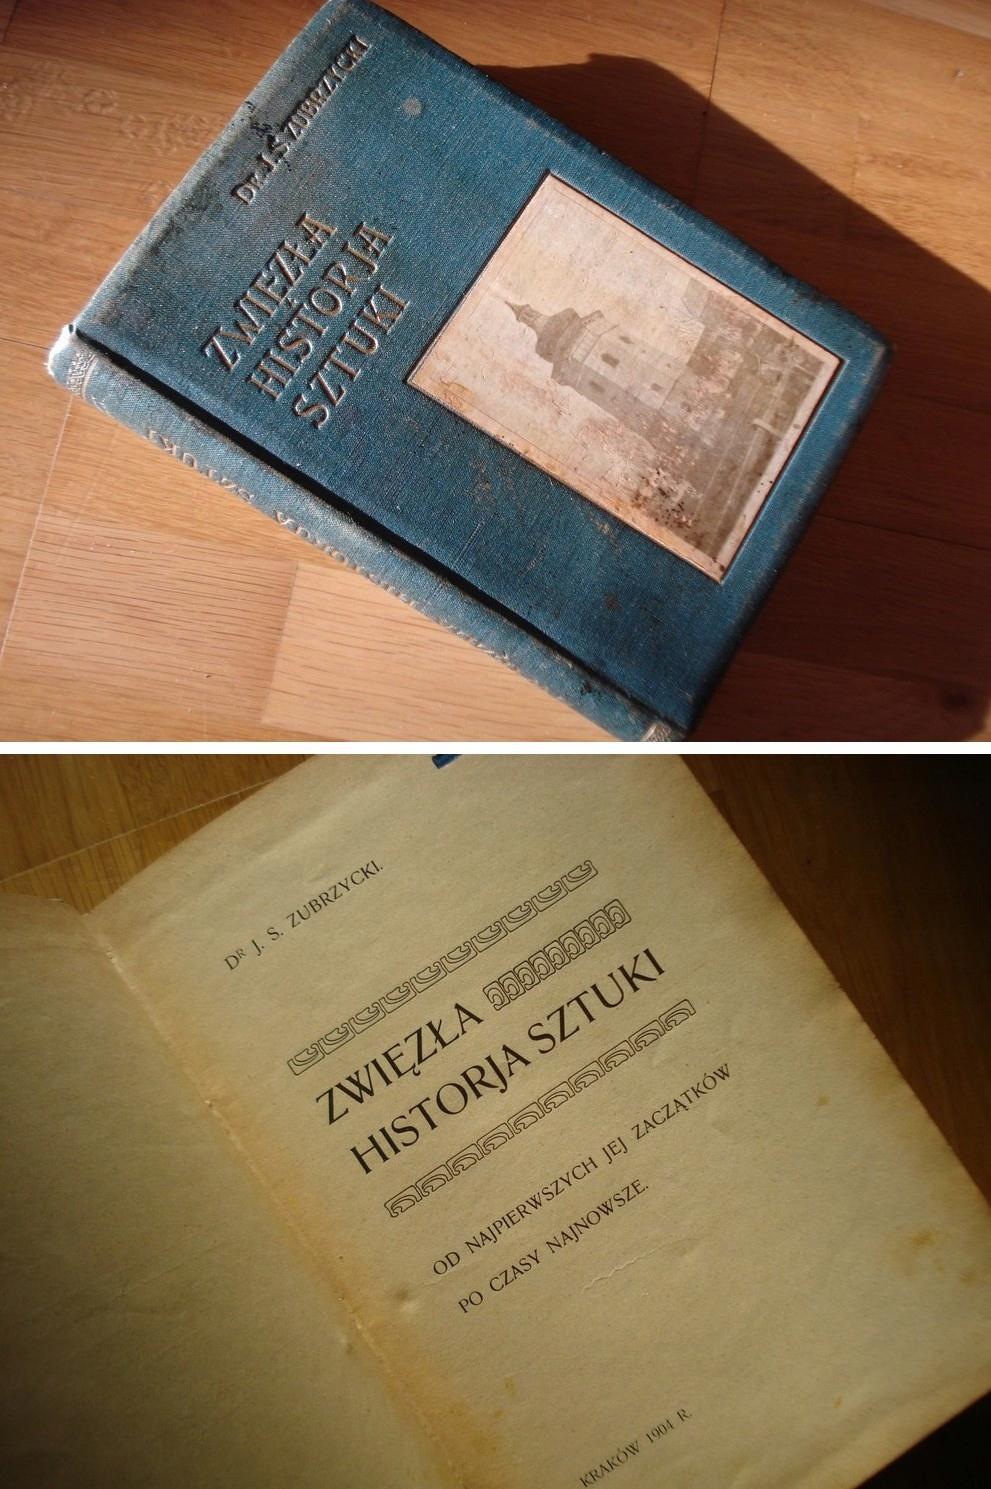 ZUBRZYCKIEGO HISTORJA SZTUKI Z 1904 ROKU